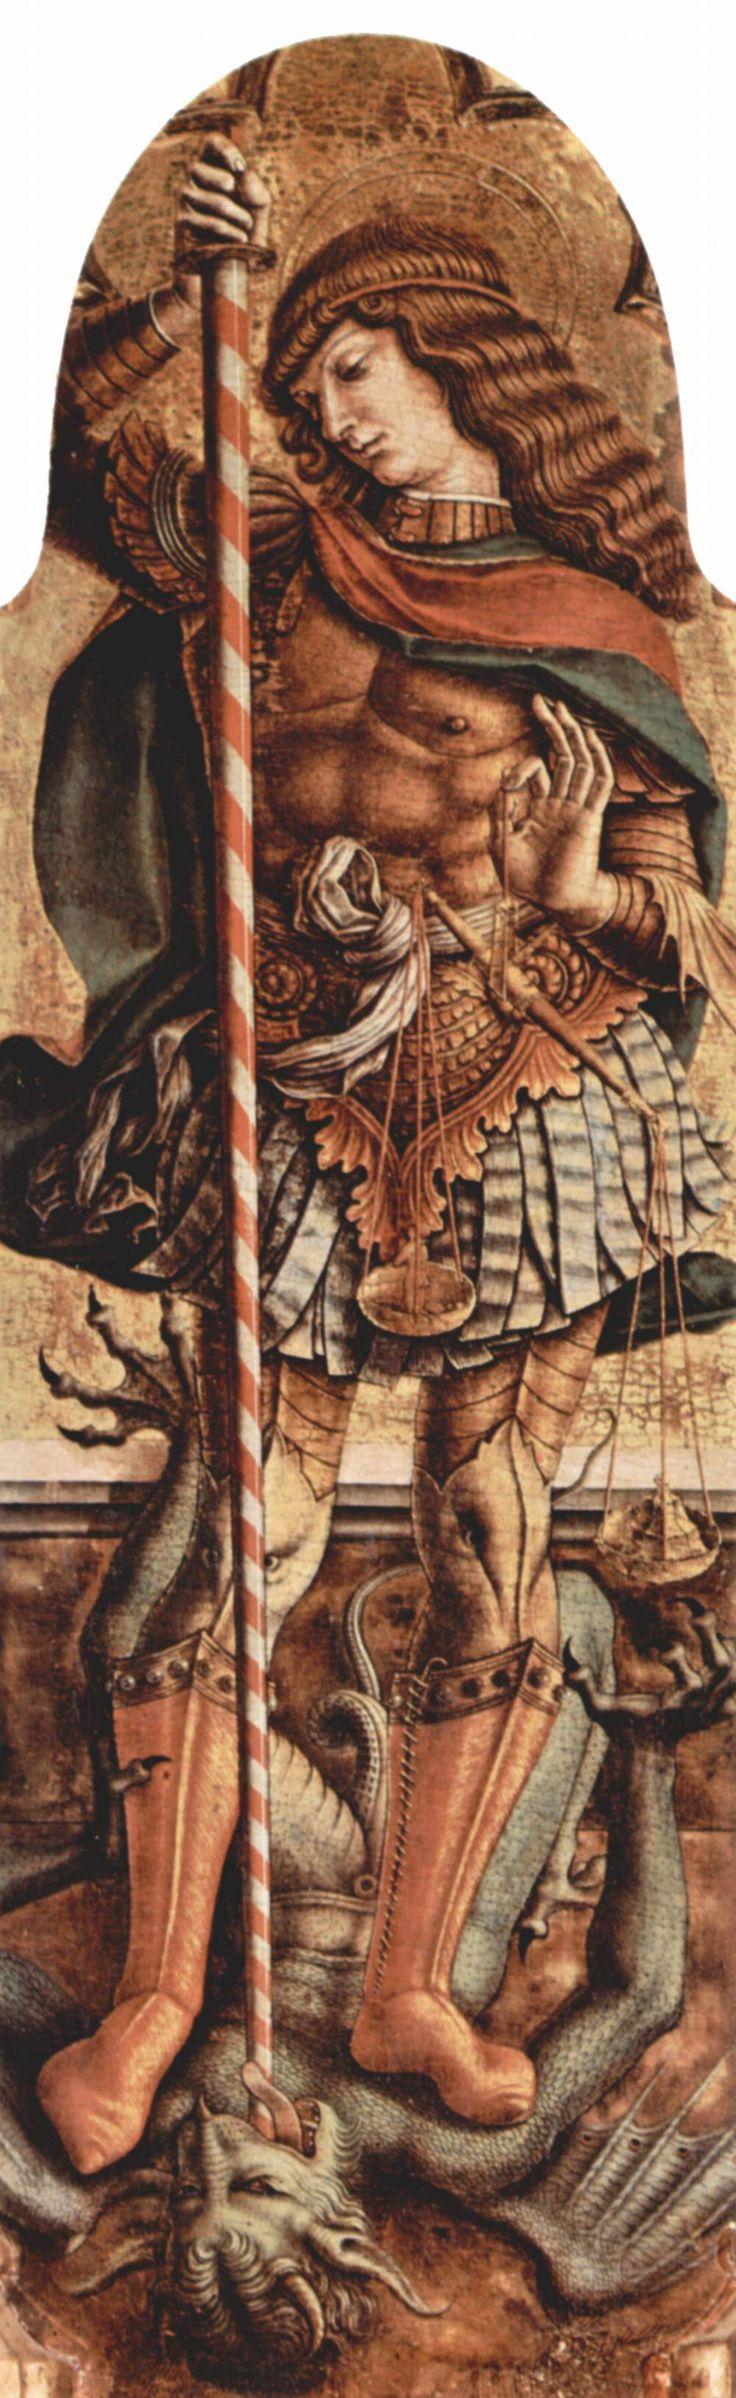 John White(1585-1593).Первые изображения коренных американцев - Интересное и забытое - быт и курьезы прошлых эпох.